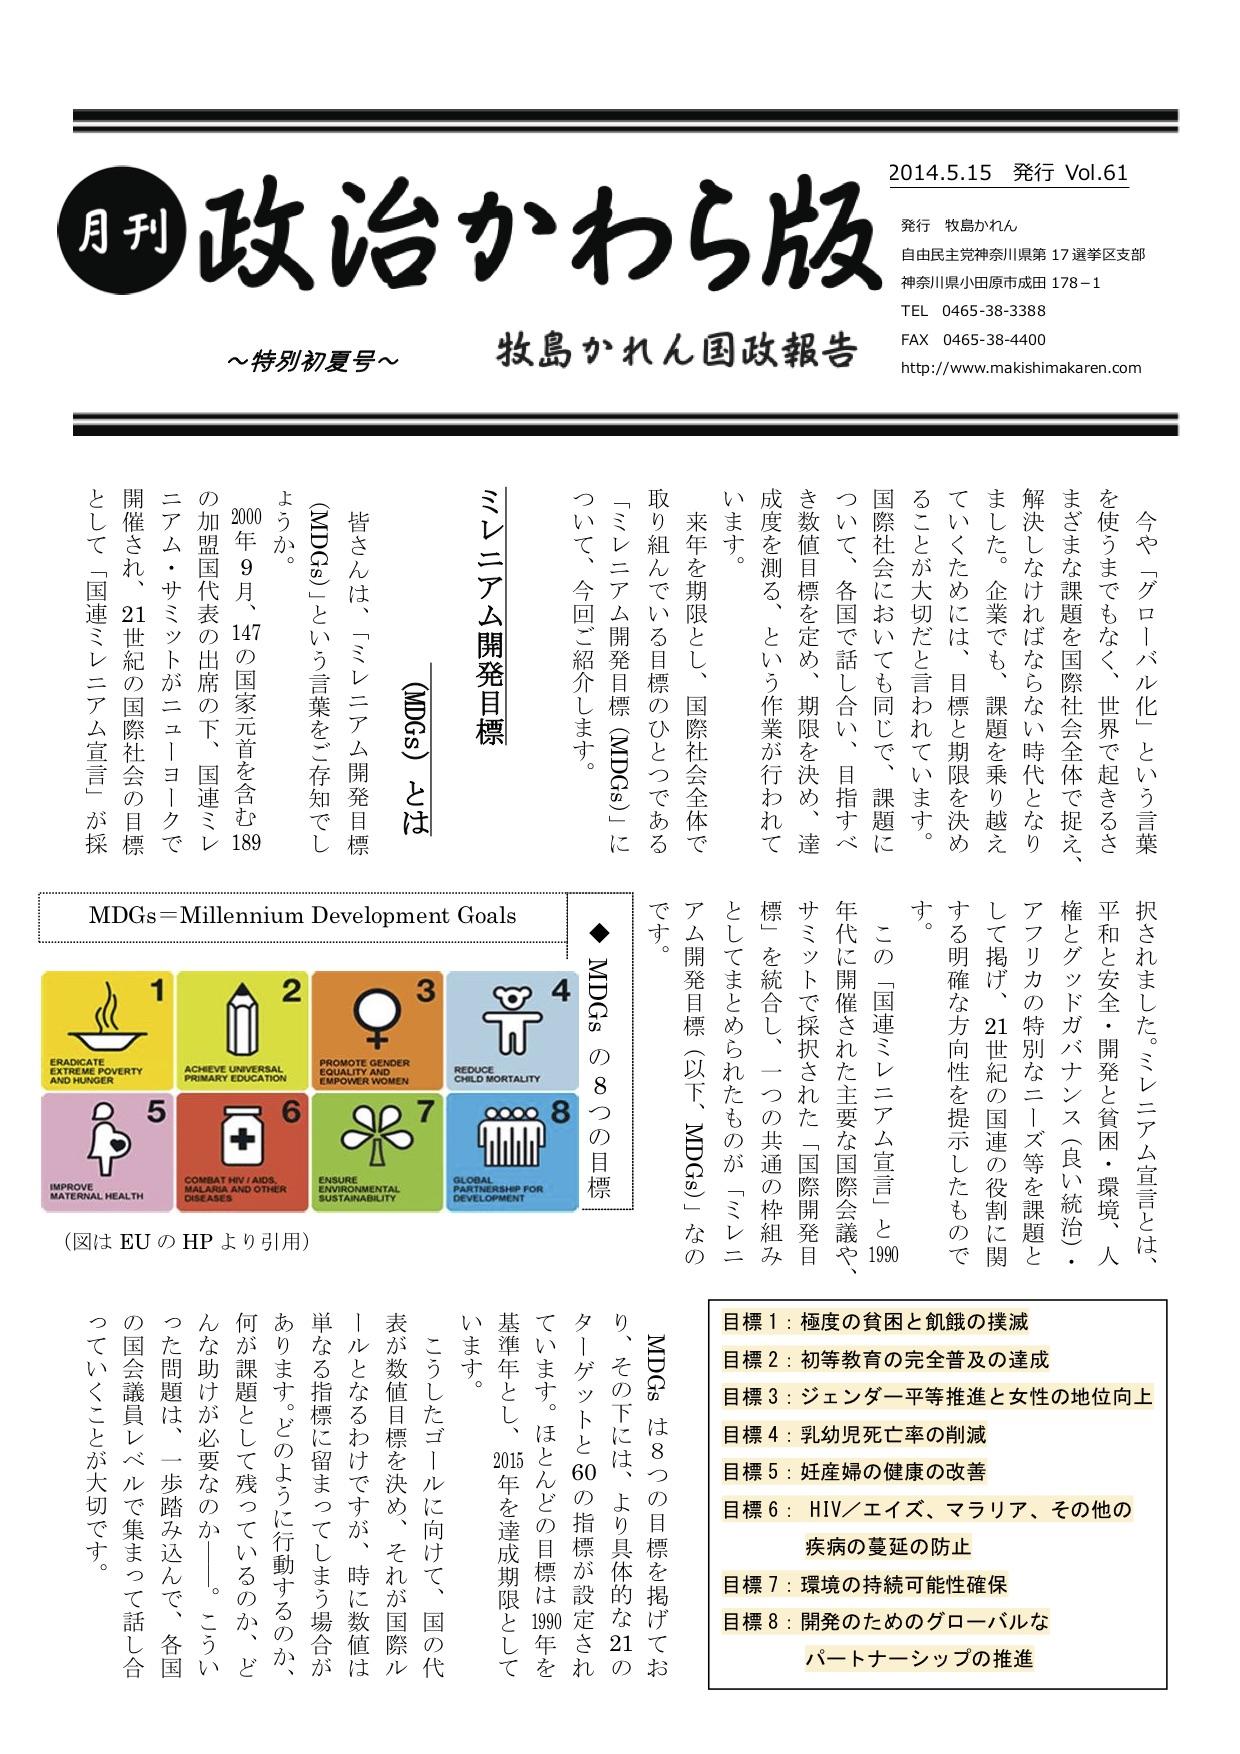 牧島かれん 政治かわら版初夏特大号 Vol.61